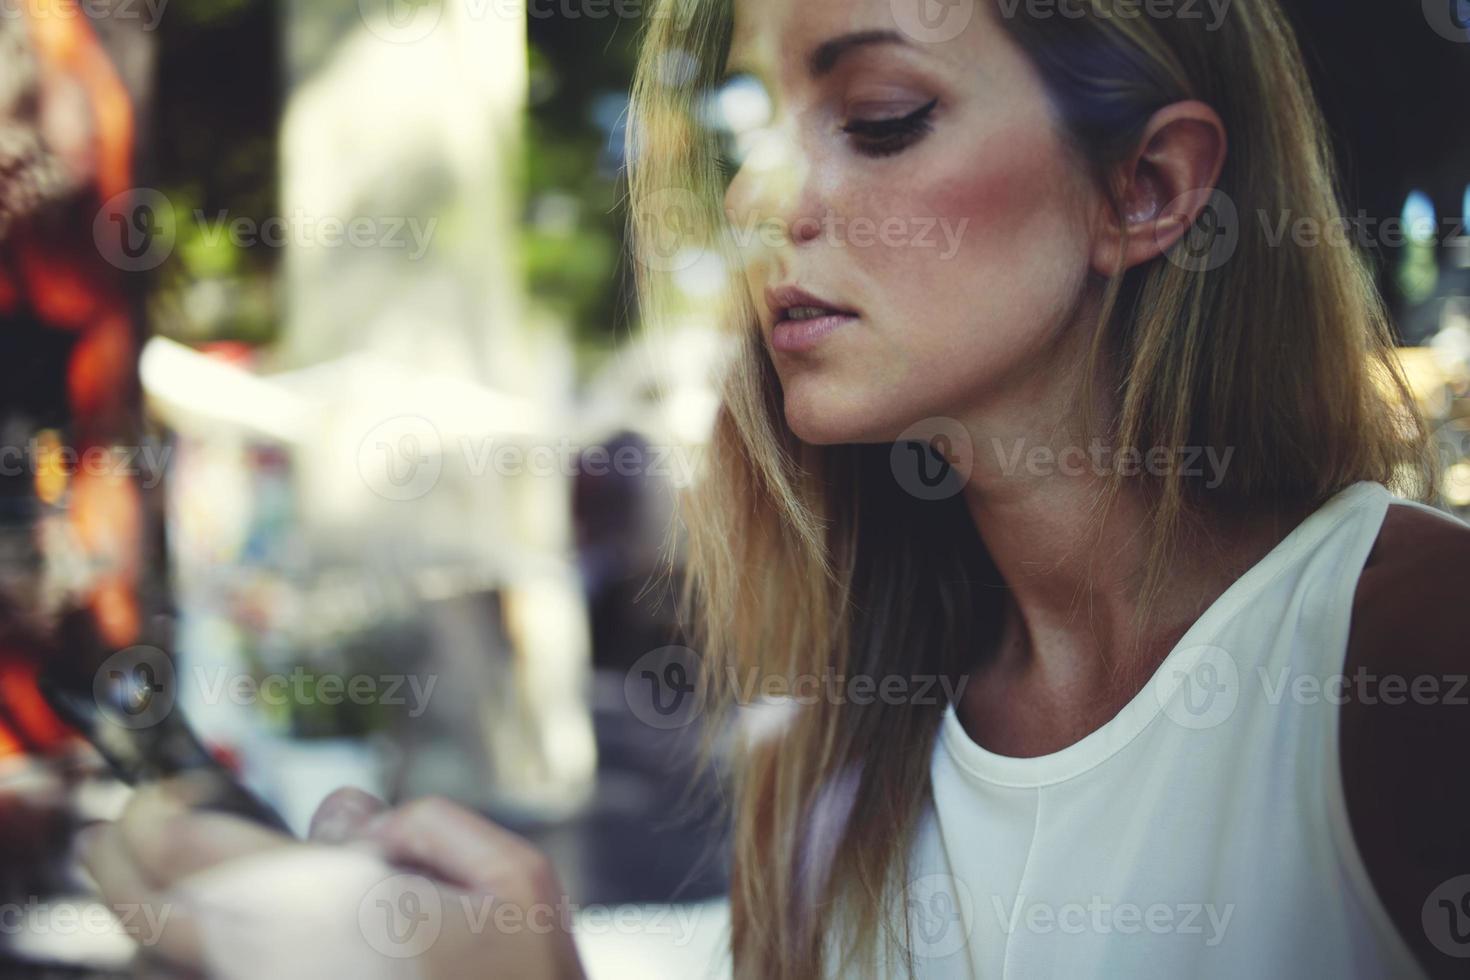 la donna ha letto il messaggio sul telefono cellulare durante il riposo dopo aver camminato foto